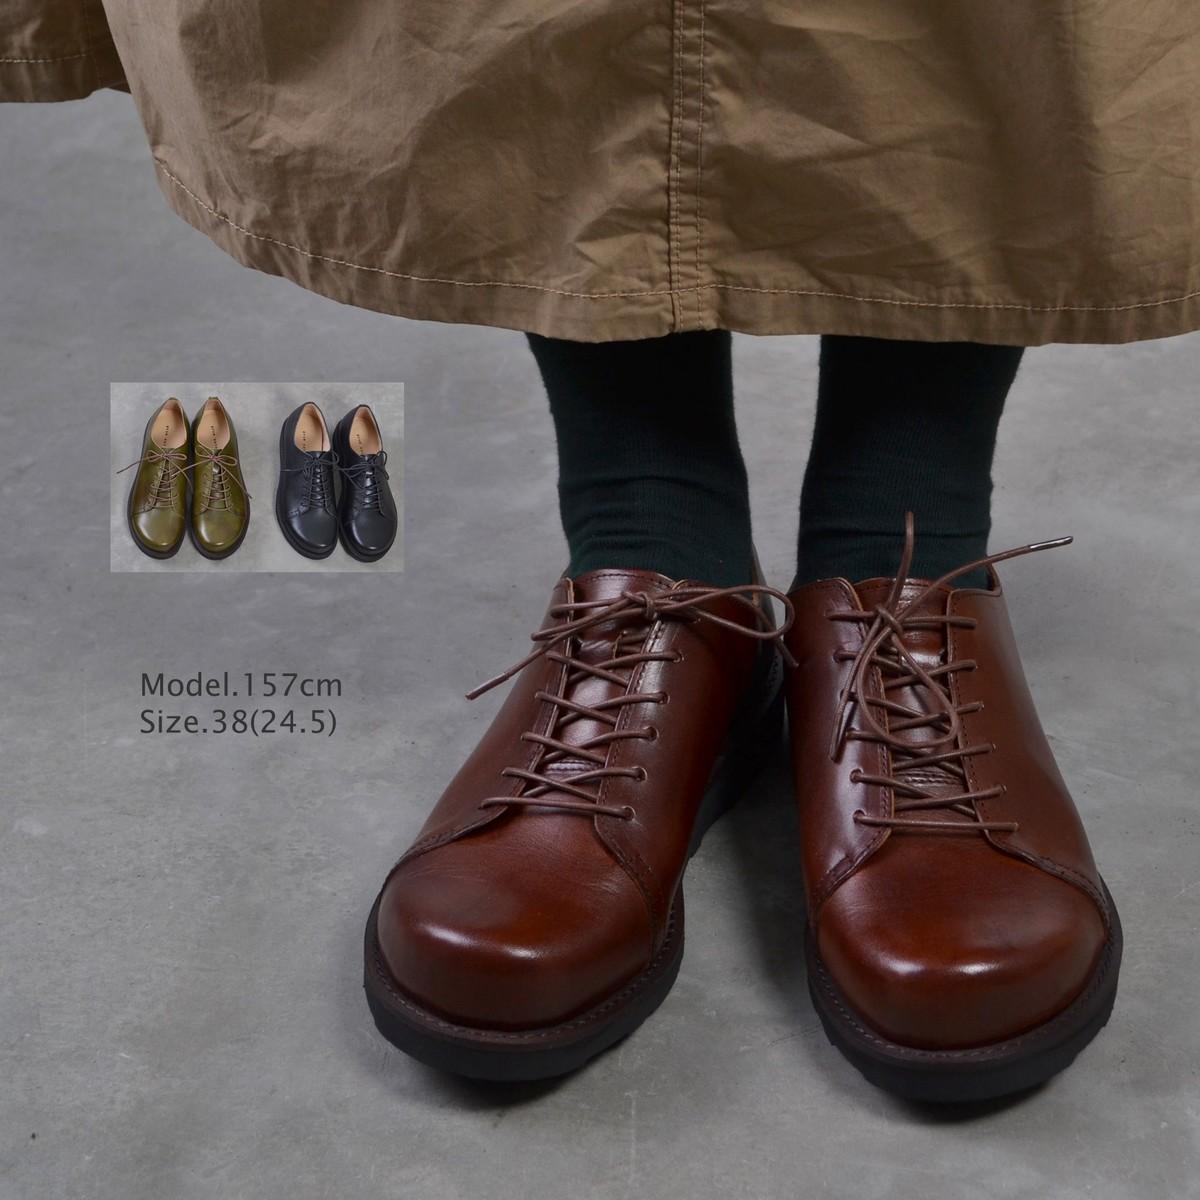 GROW NATURALLY グロウナチュラリー 予約アイテム レザーシューズ ビブラムソール 送料無料 全3色 シューズ 靴 レザー 小さいサイズ 大きいサイズ GN-2041VB